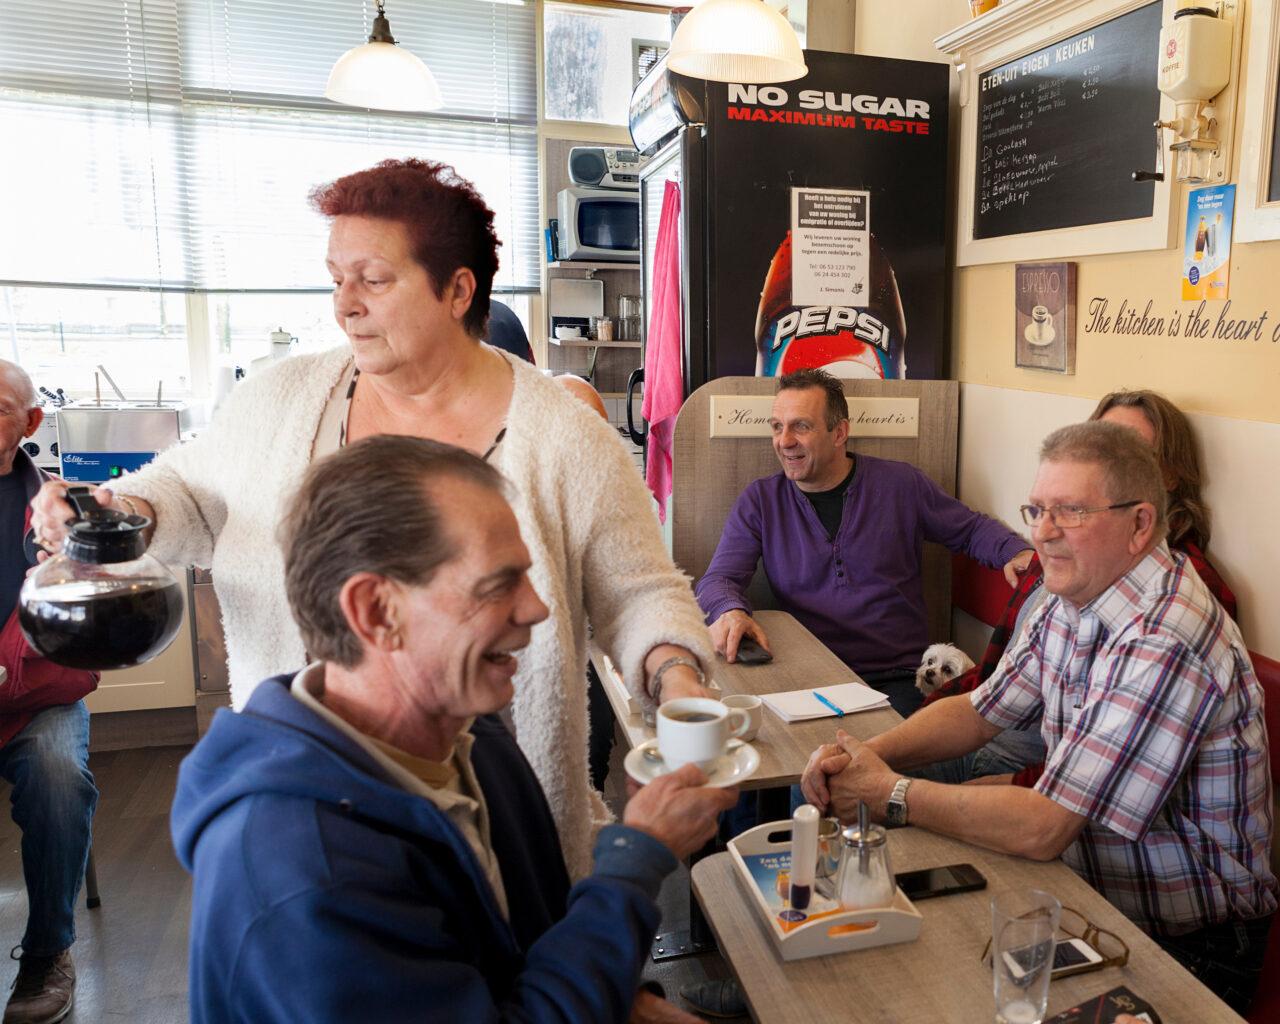 Binnen in Cora - Ons kent ons in koffiehuis 'Cora'. Niets blijft onbesproken.